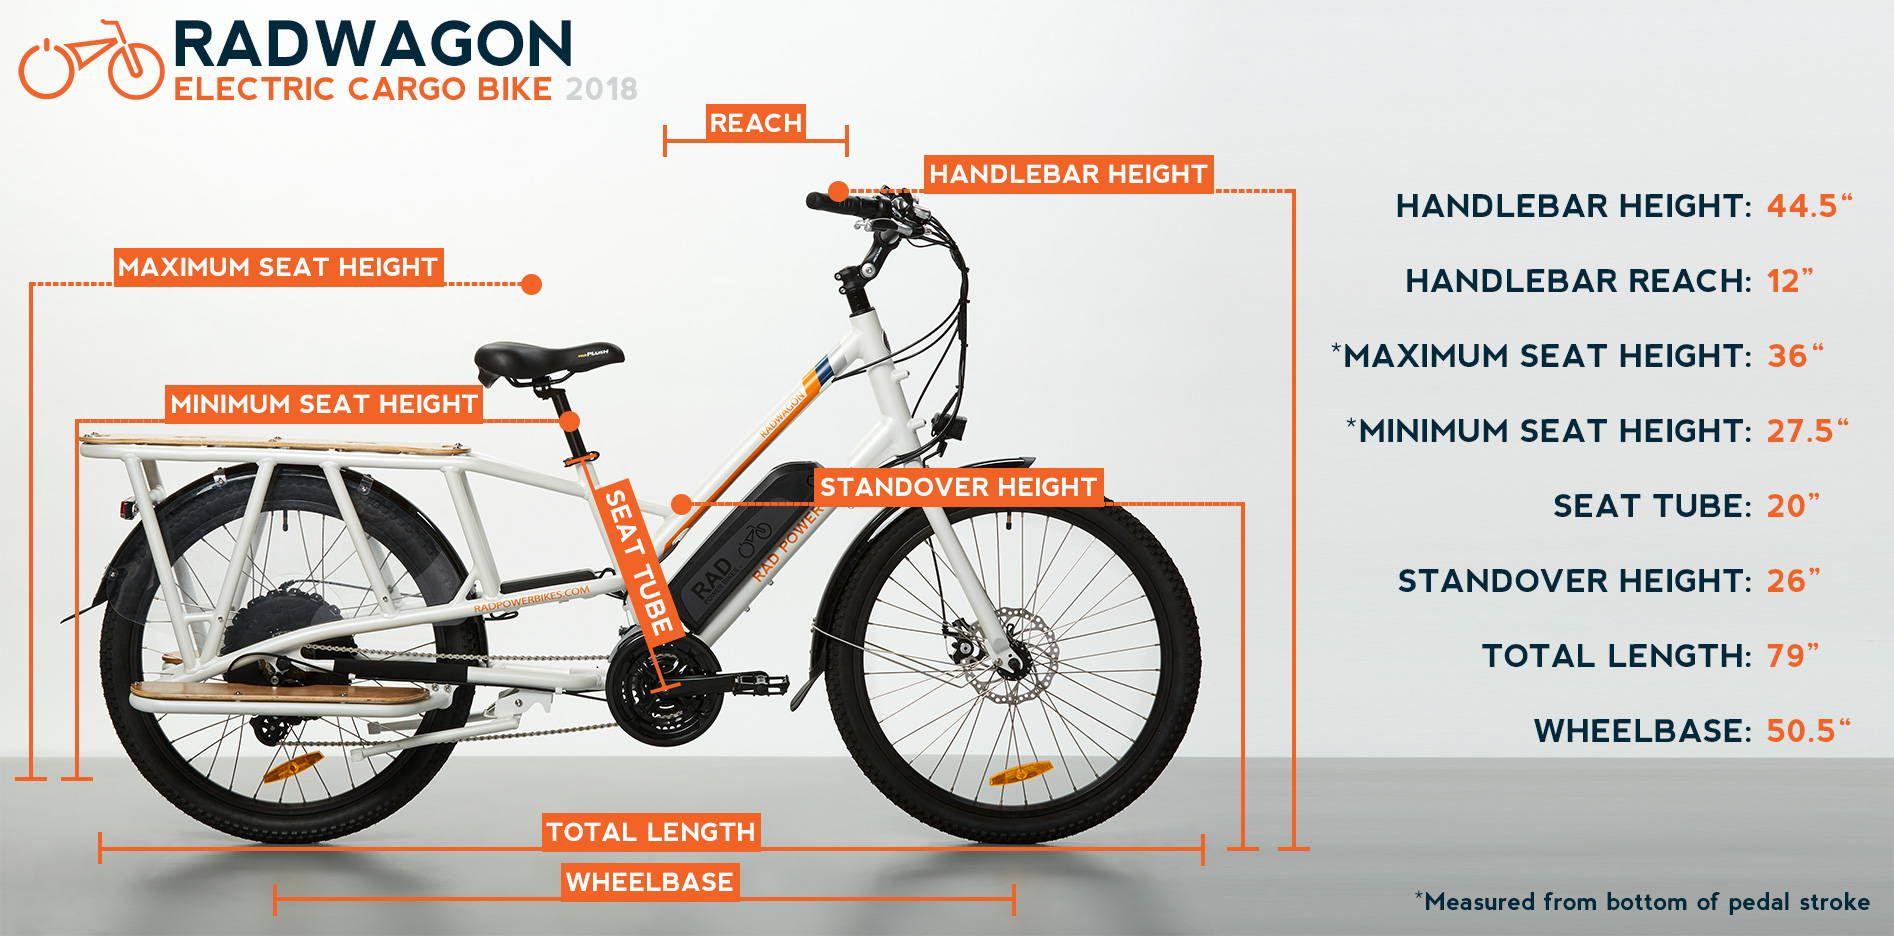 Radwagon Electric Cargo Bike Version 4 Electric Cargo Bike Cargo Bike Power Bike